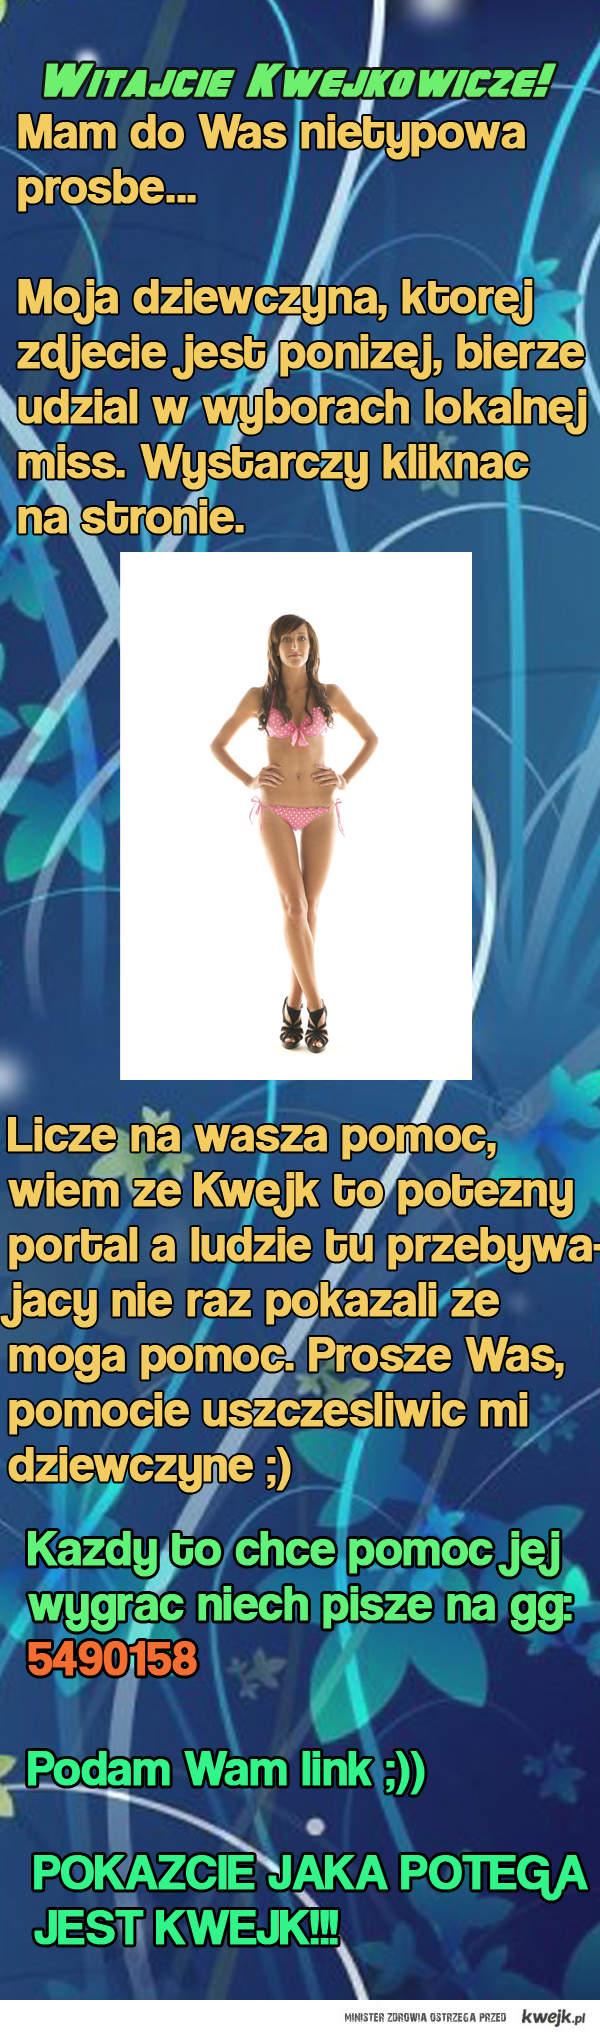 Dzika Kuna